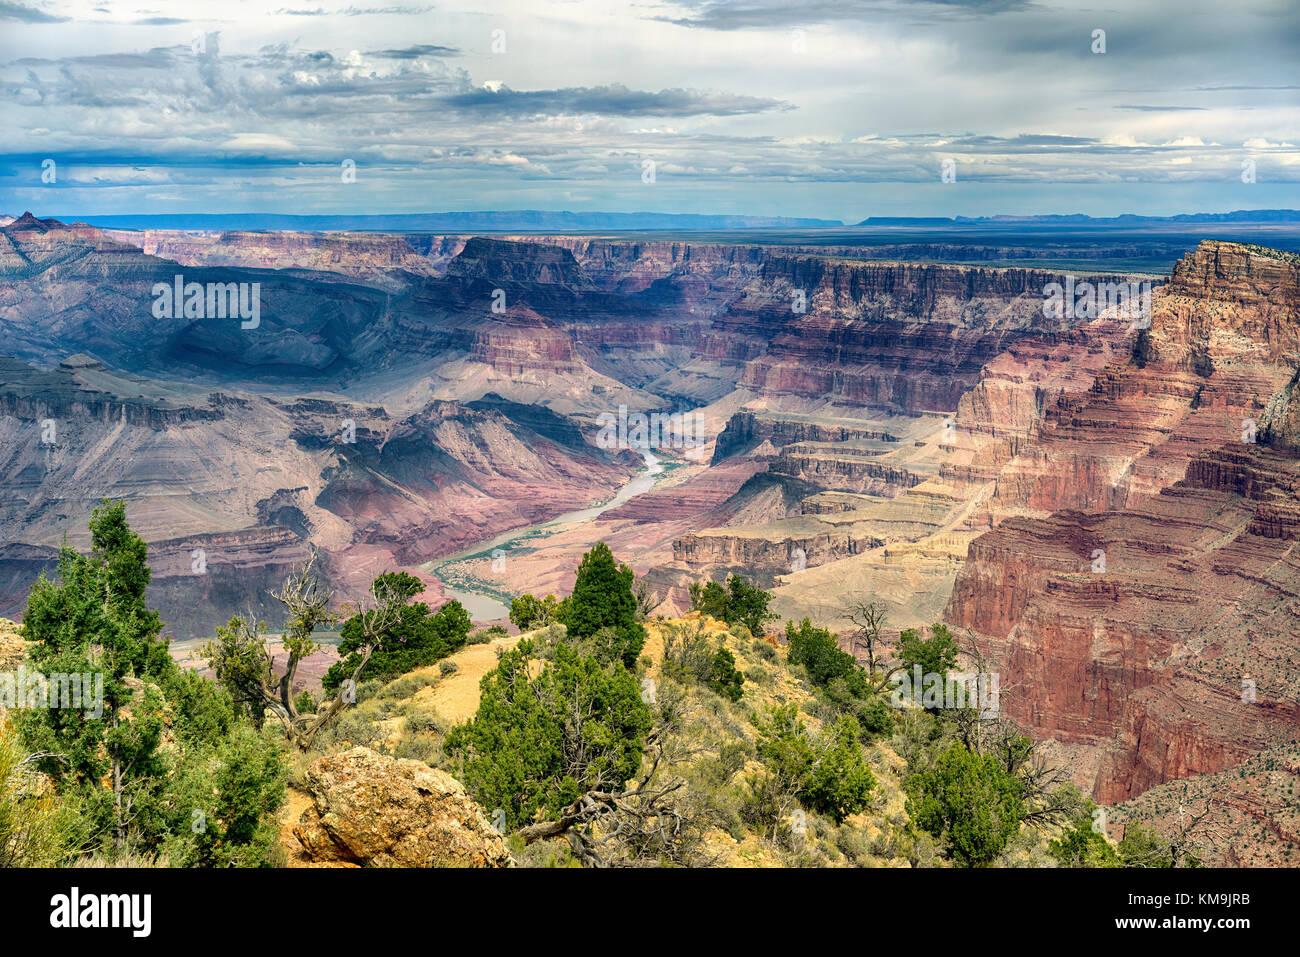 Grand canyon national park arizona vue paysage avec la rivière Colorado au loin. bandes superposées de Photo Stock